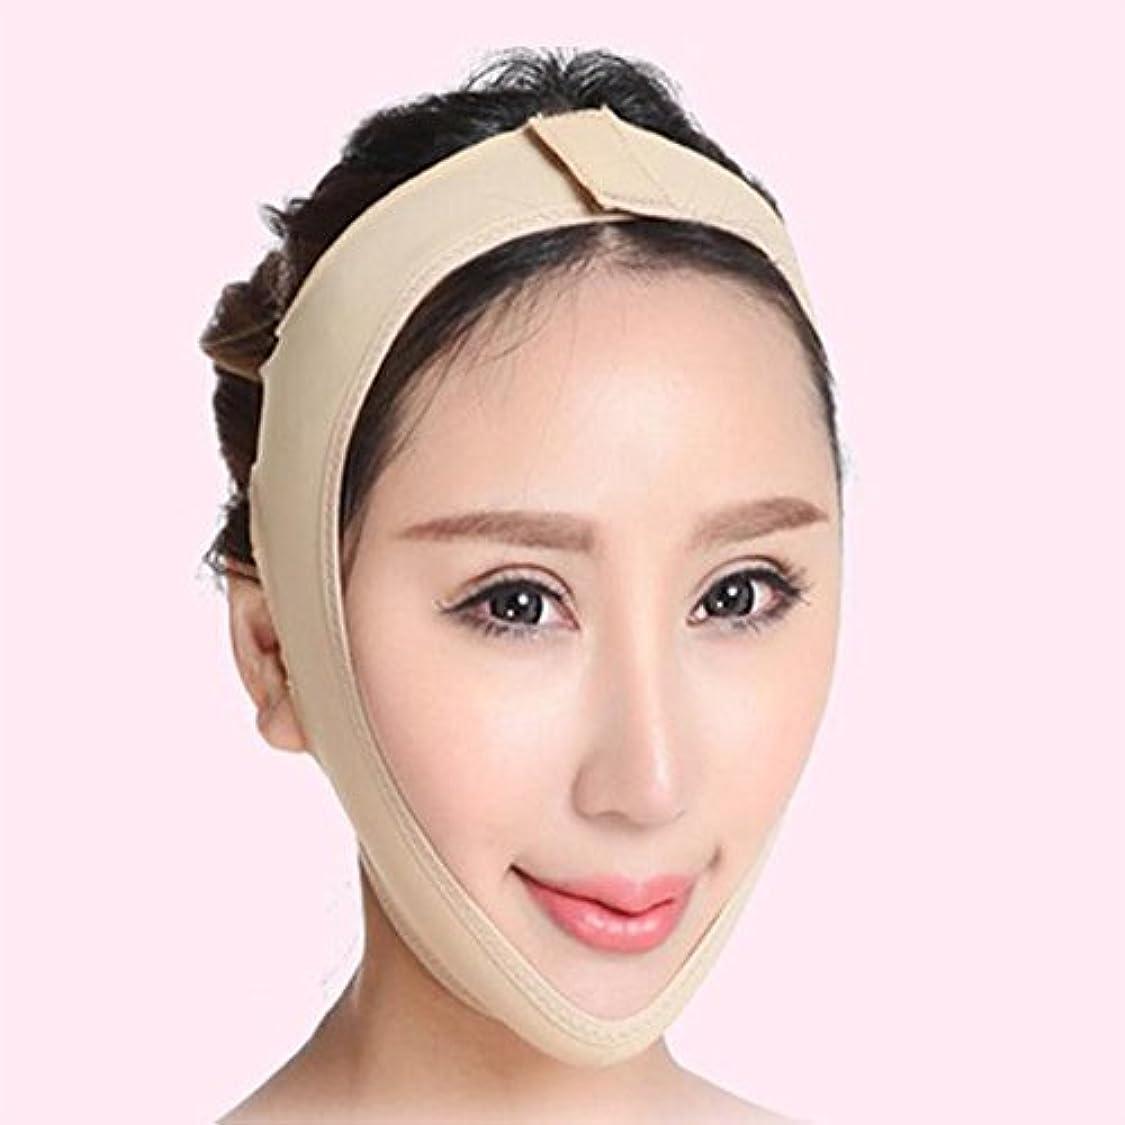 判定ブラウザ混乱したSD 小顔 小顔マスク リフトアップ マスク フェイスライン 矯正 あご シャープ メンズ レディース Mサイズ AZD15003-M